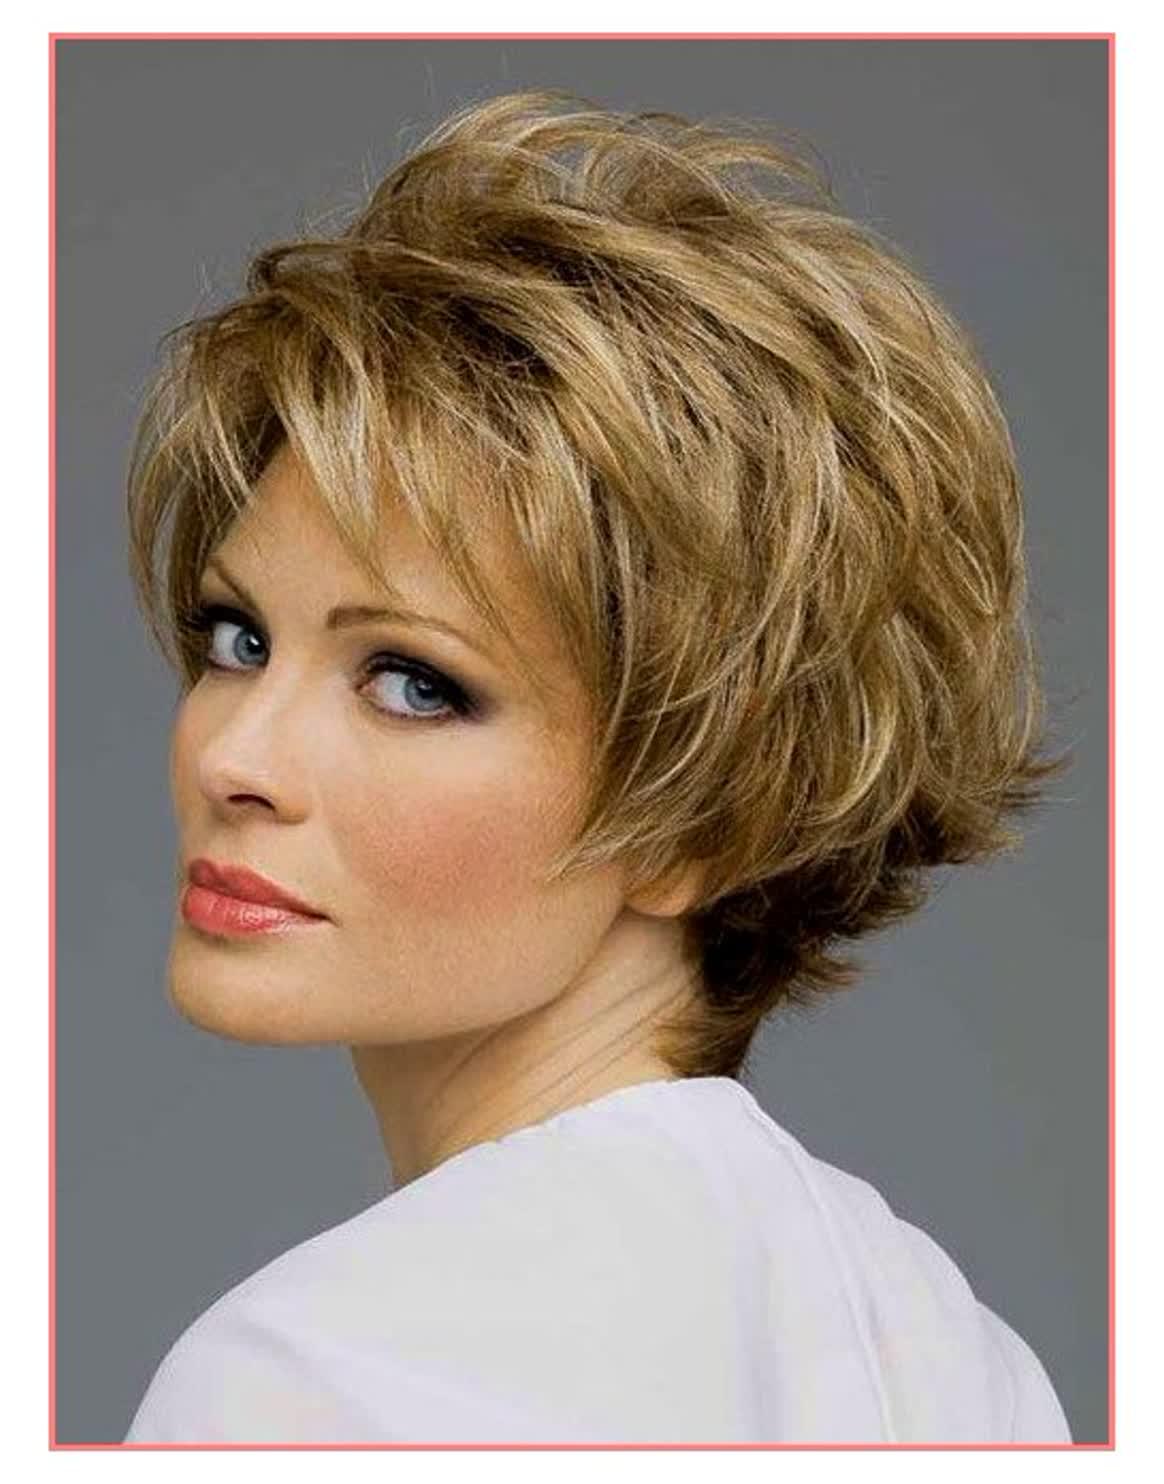 image8-99 | Модные женские стрижки на короткие волосы: основные правила и варианты исполнения